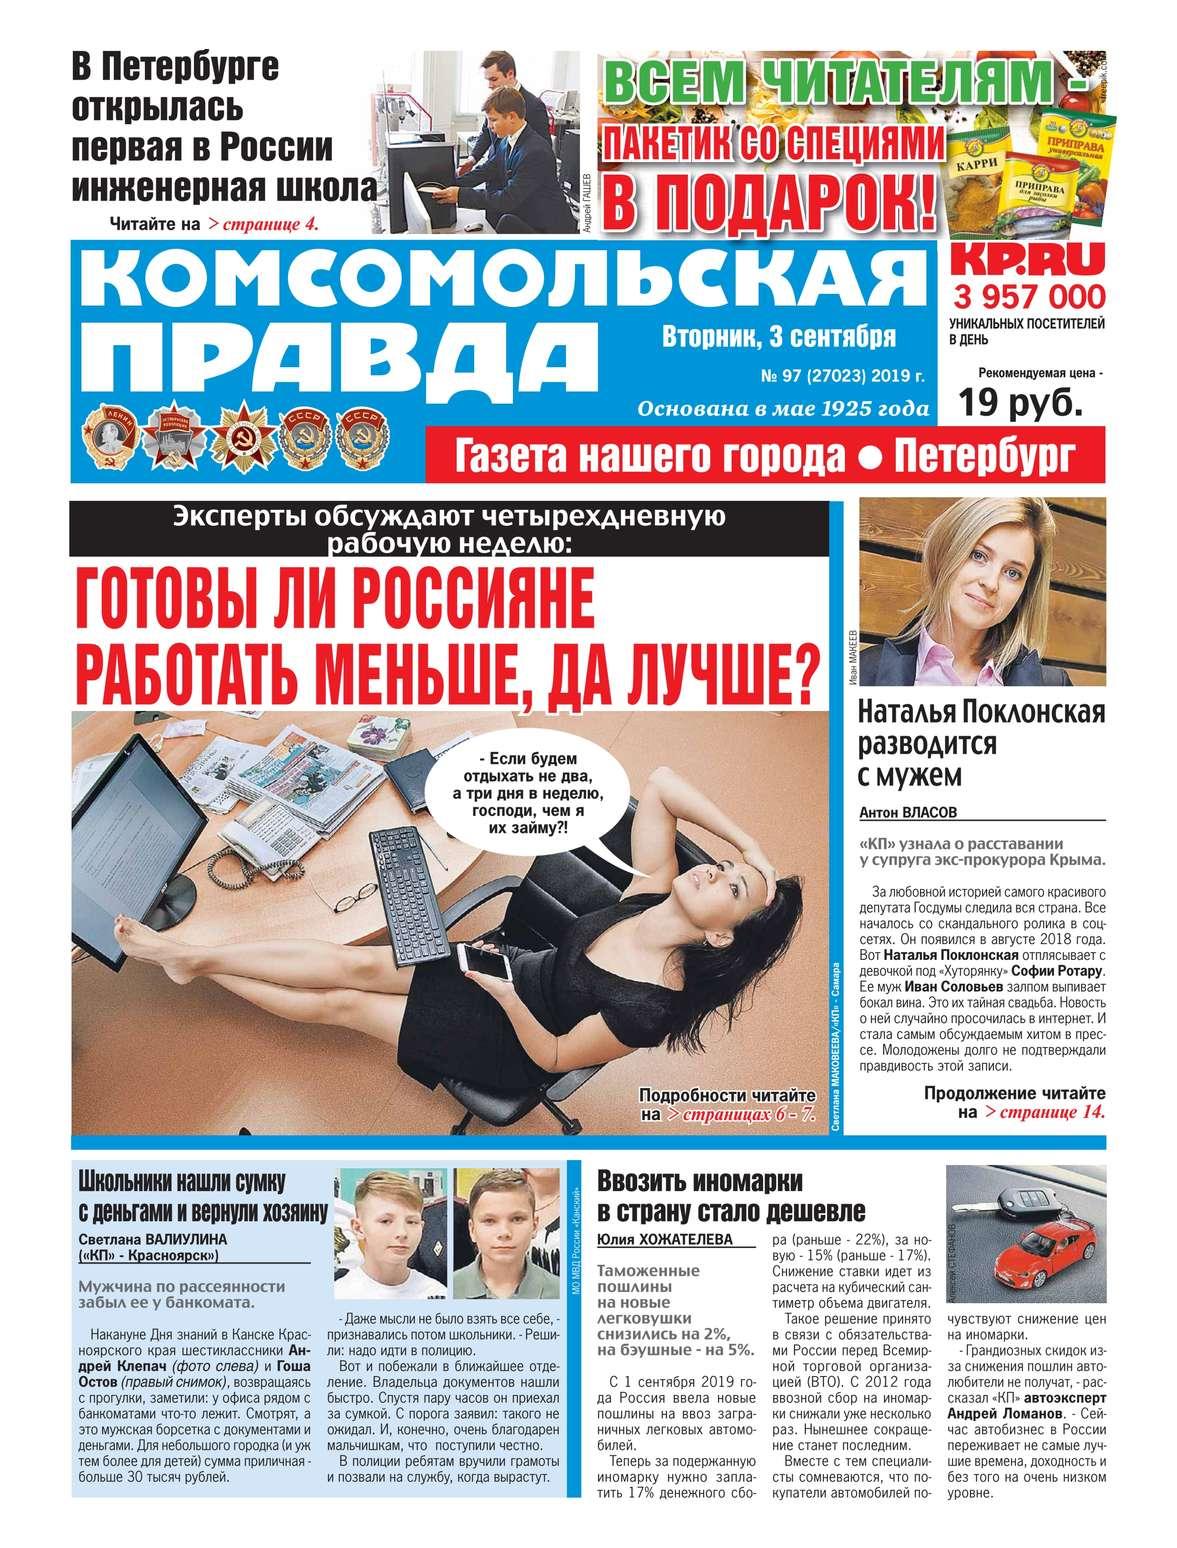 Редакция газеты Комсомольская Правда. Санкт-Петербург 97-2019